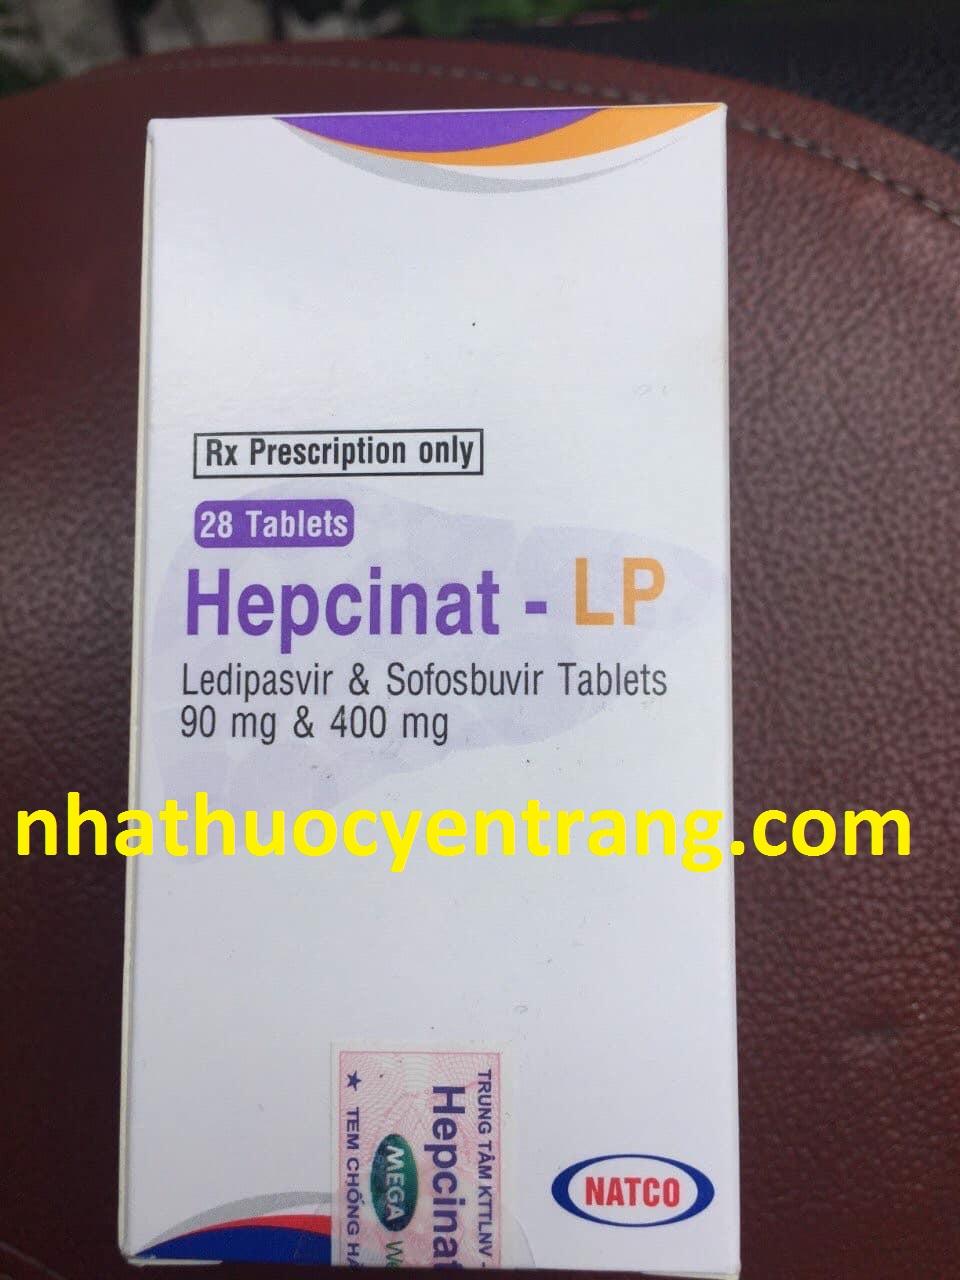 Hepcinat - LP